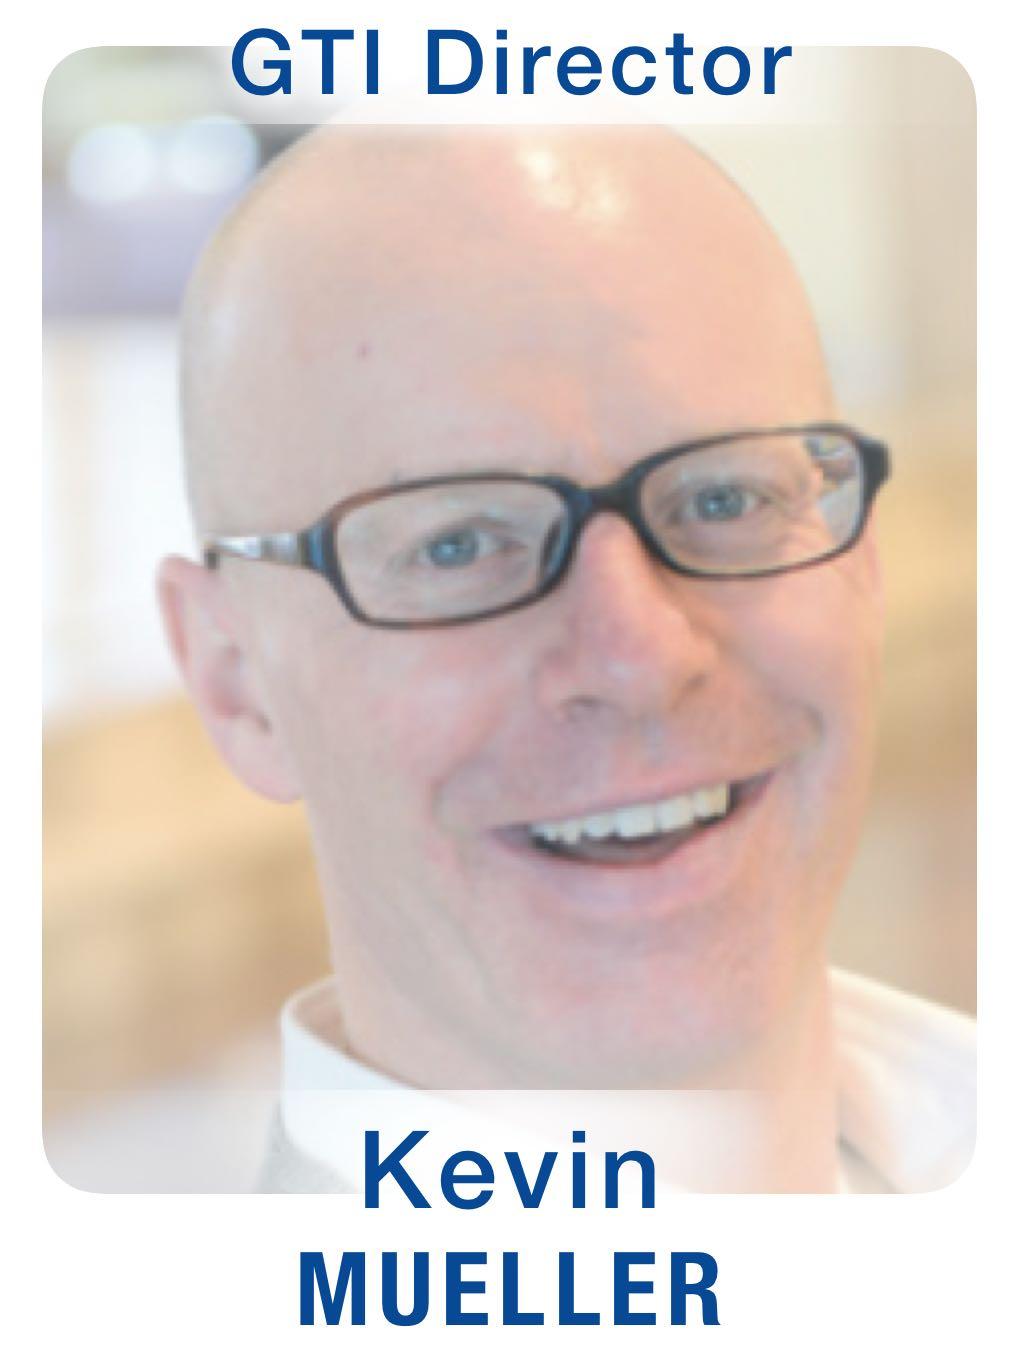 Kevin Mueller